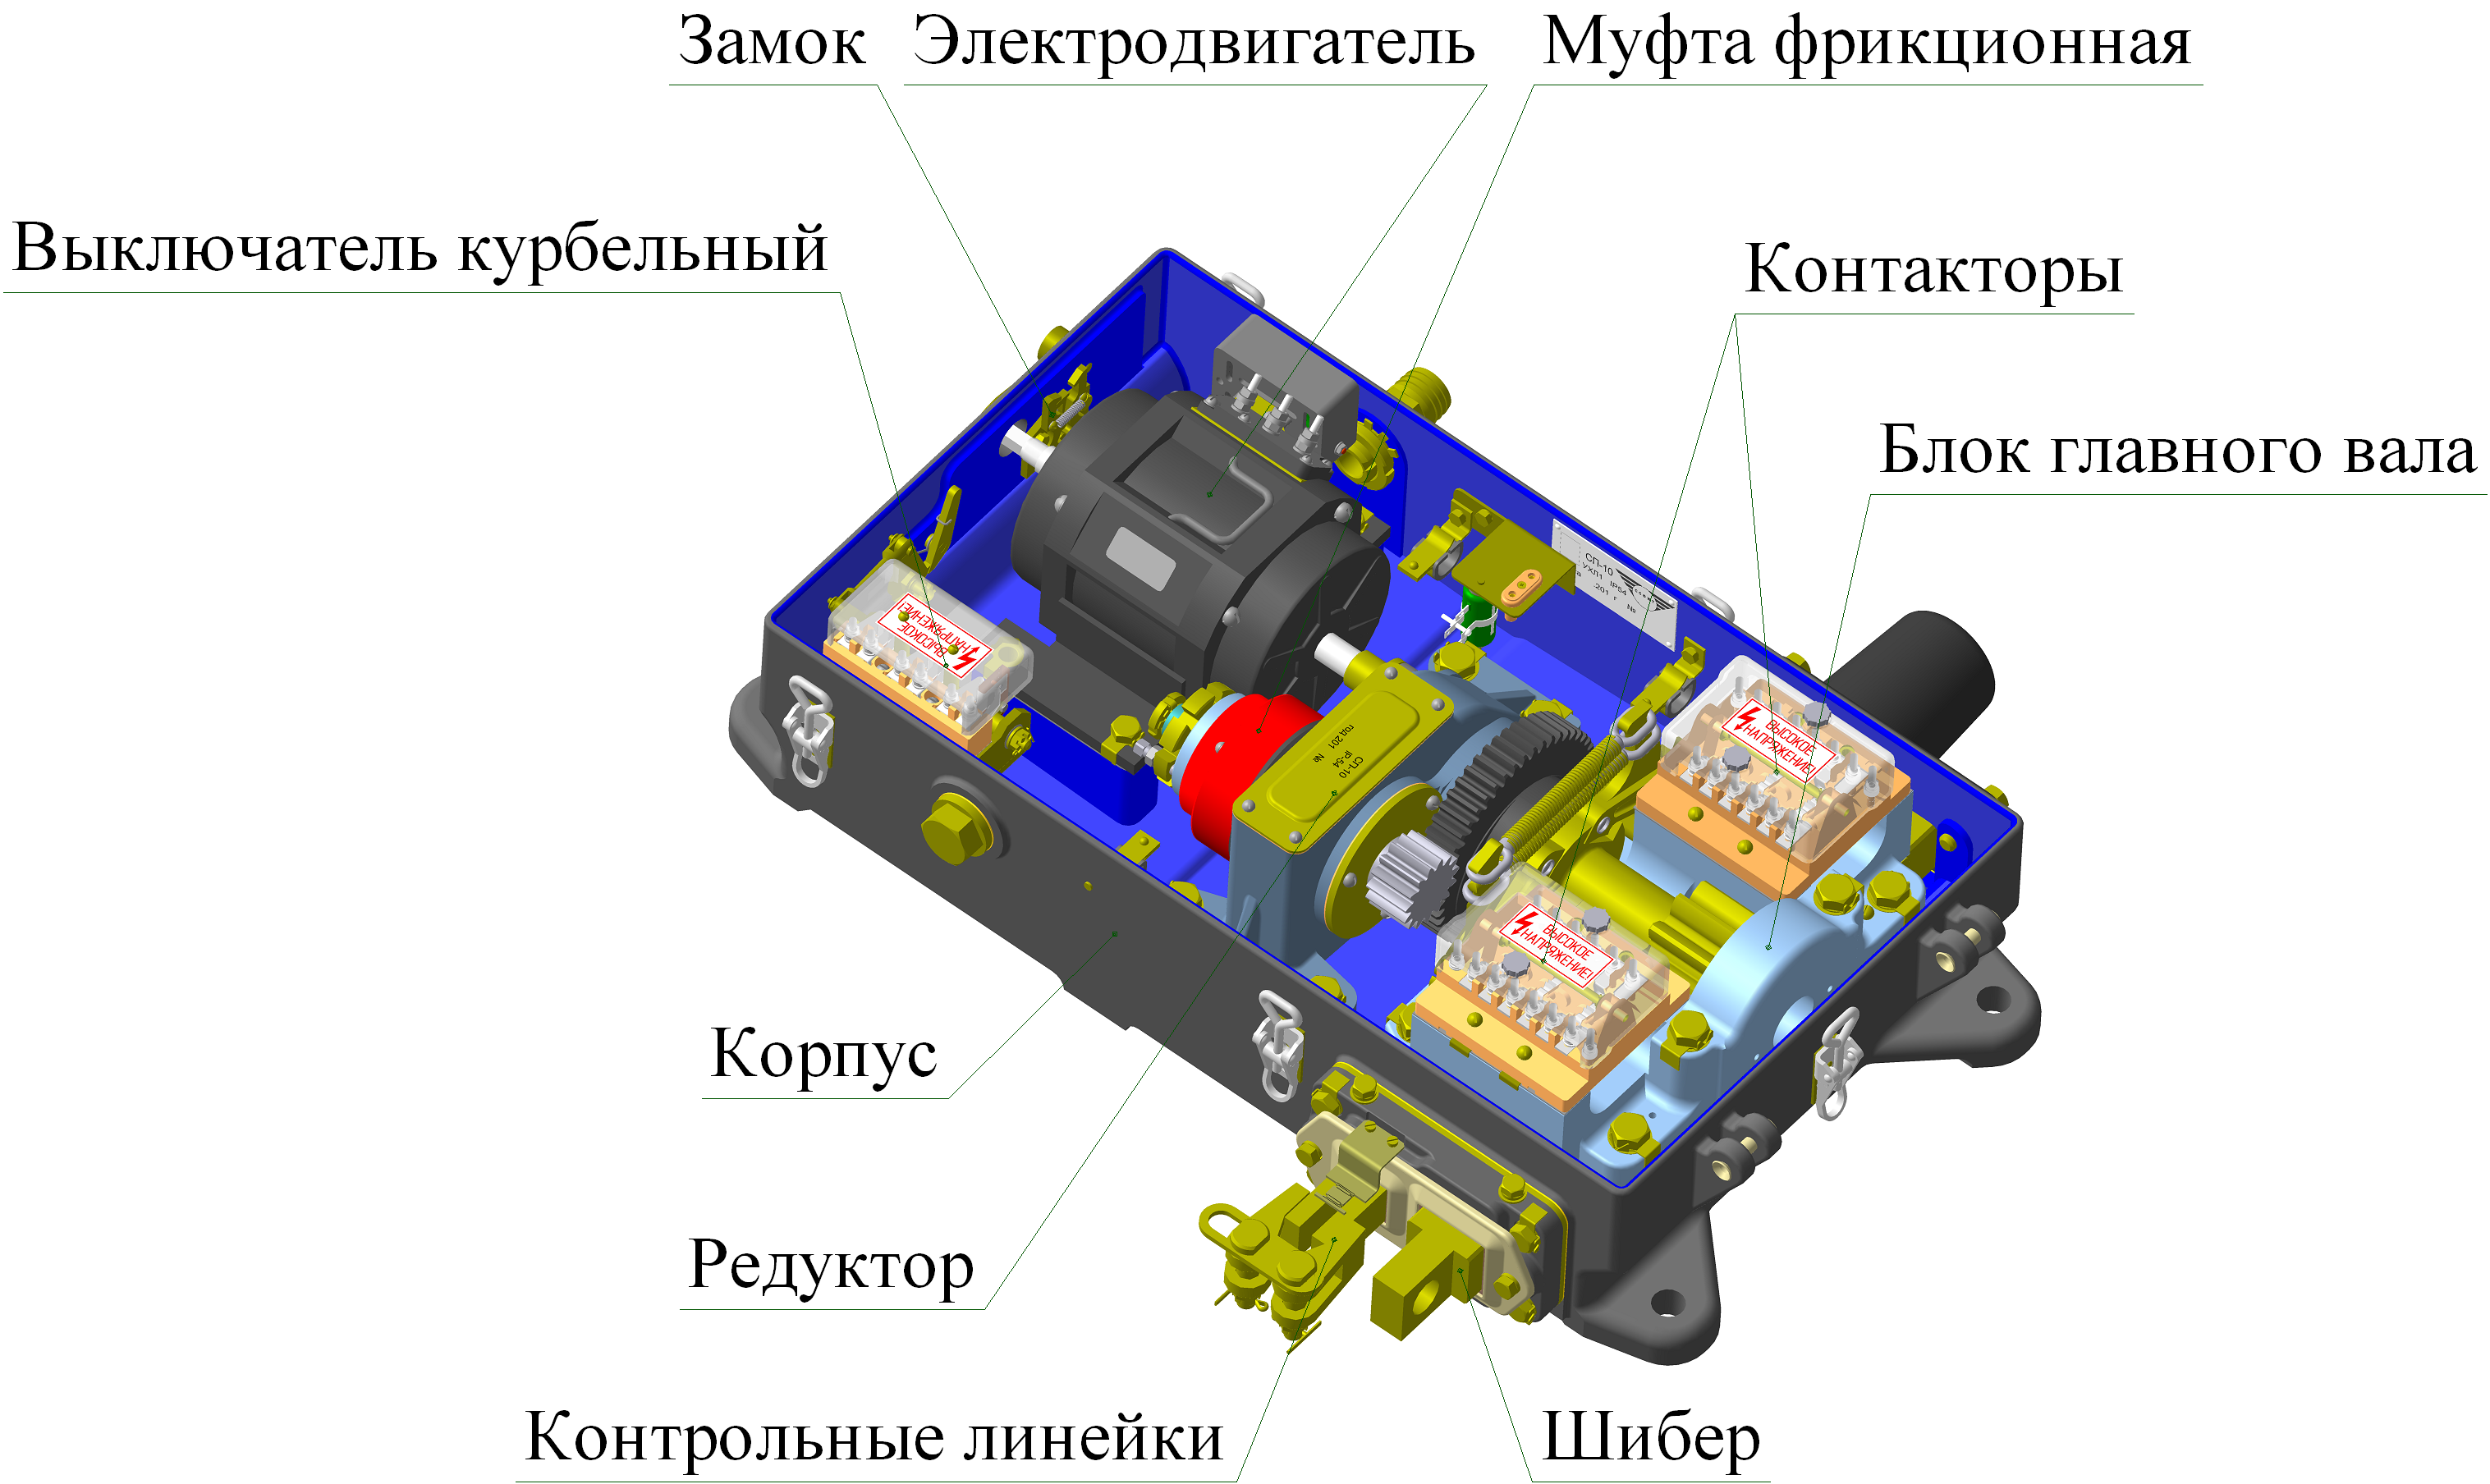 Электропривод стрелочный СП-10 - устройство